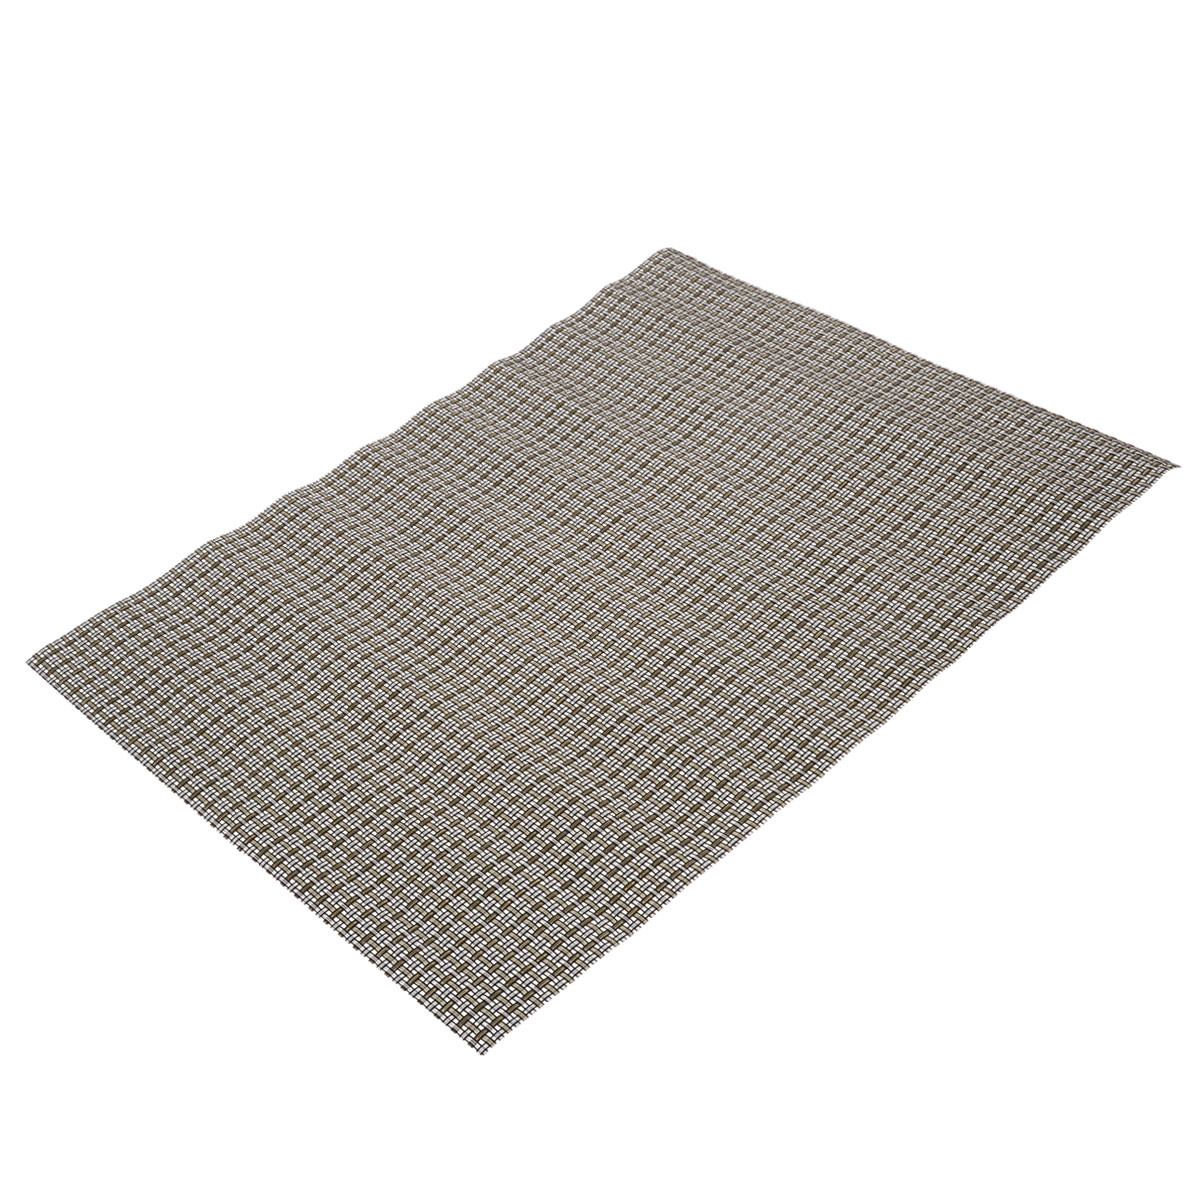 Подставка под горячее Bradex, цвет: серый, 45 см х 30 смTK 0095_серыйПрямоугольная подставка под горячее Bradex, выполненная из прочного ПВХ, не боится высоких температур и легко чистится от пятен и жира.Каждая хозяйка знает, что подставка под горячее - это незаменимый и очень полезный аксессуар на каждой кухне. Ваш стол будет не только украшен оригинальной подставкой, но и сбережен от воздействия высоких температур ваших кулинарных шедевров.